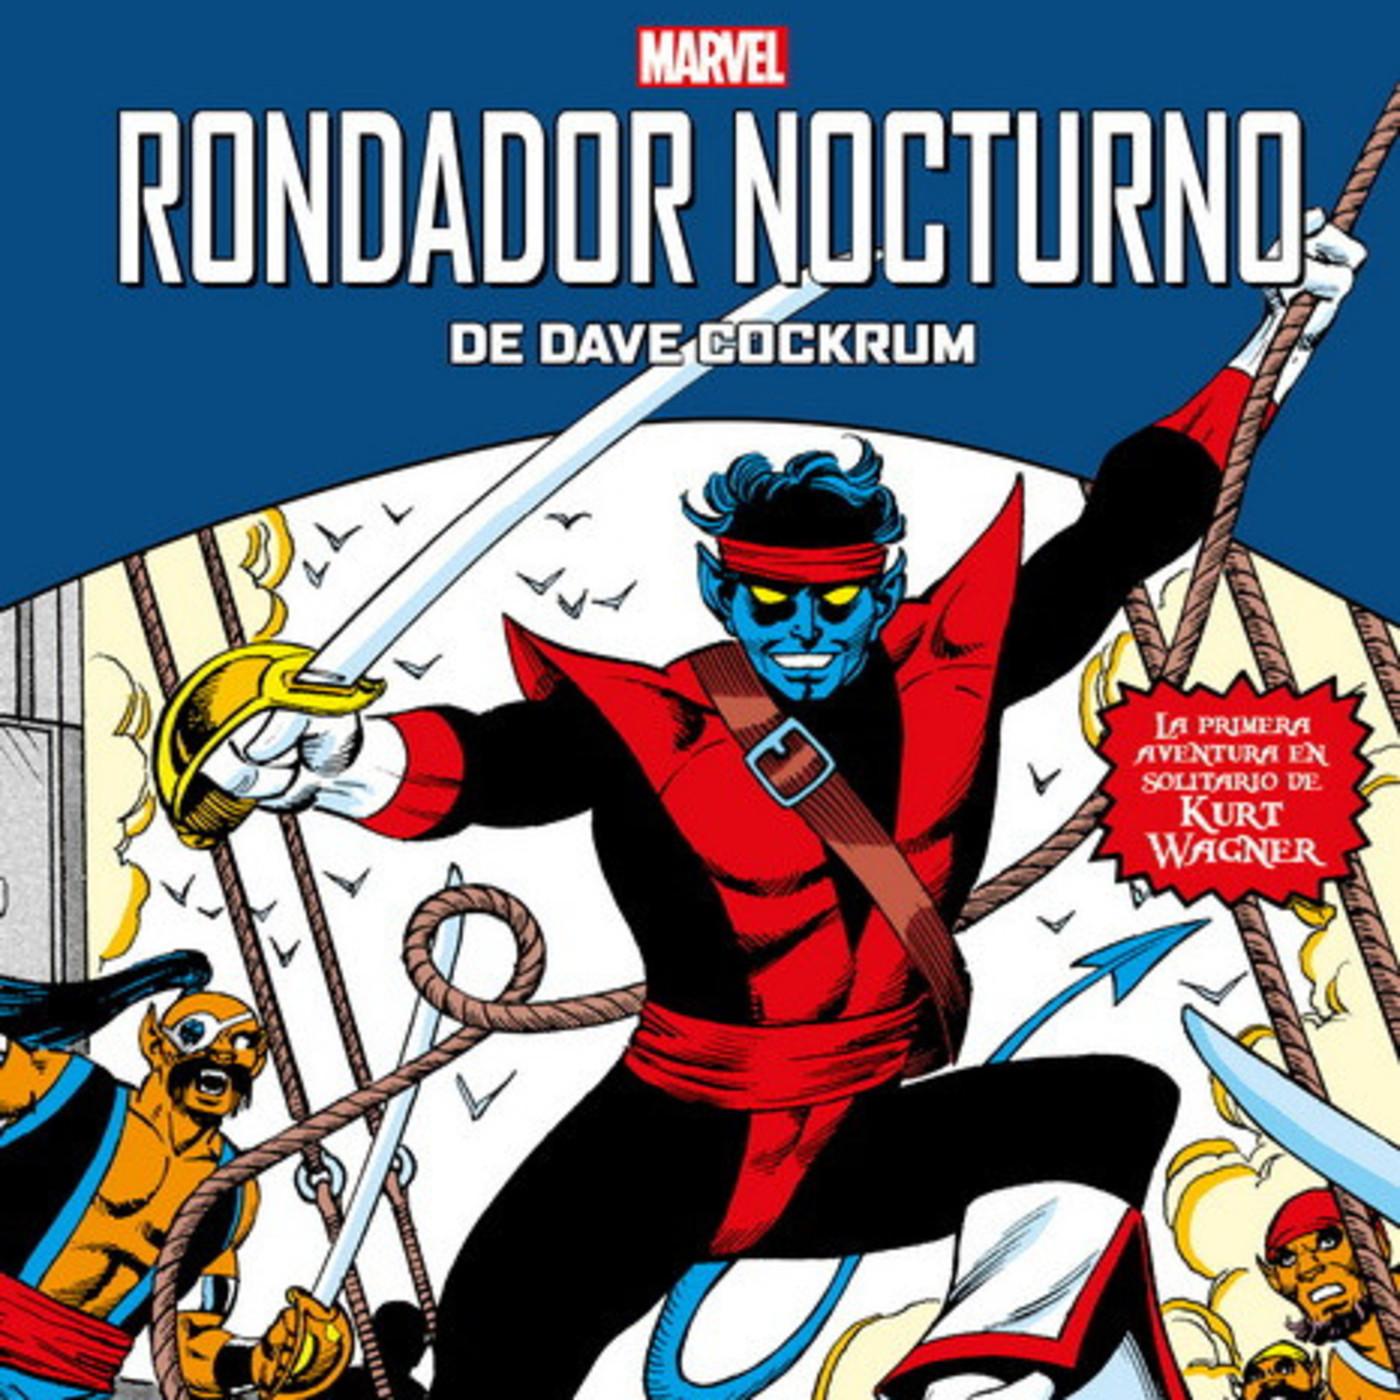 Rondador Nocturno-Un peculiar miembro de La Patrulla X y Errol Flynn